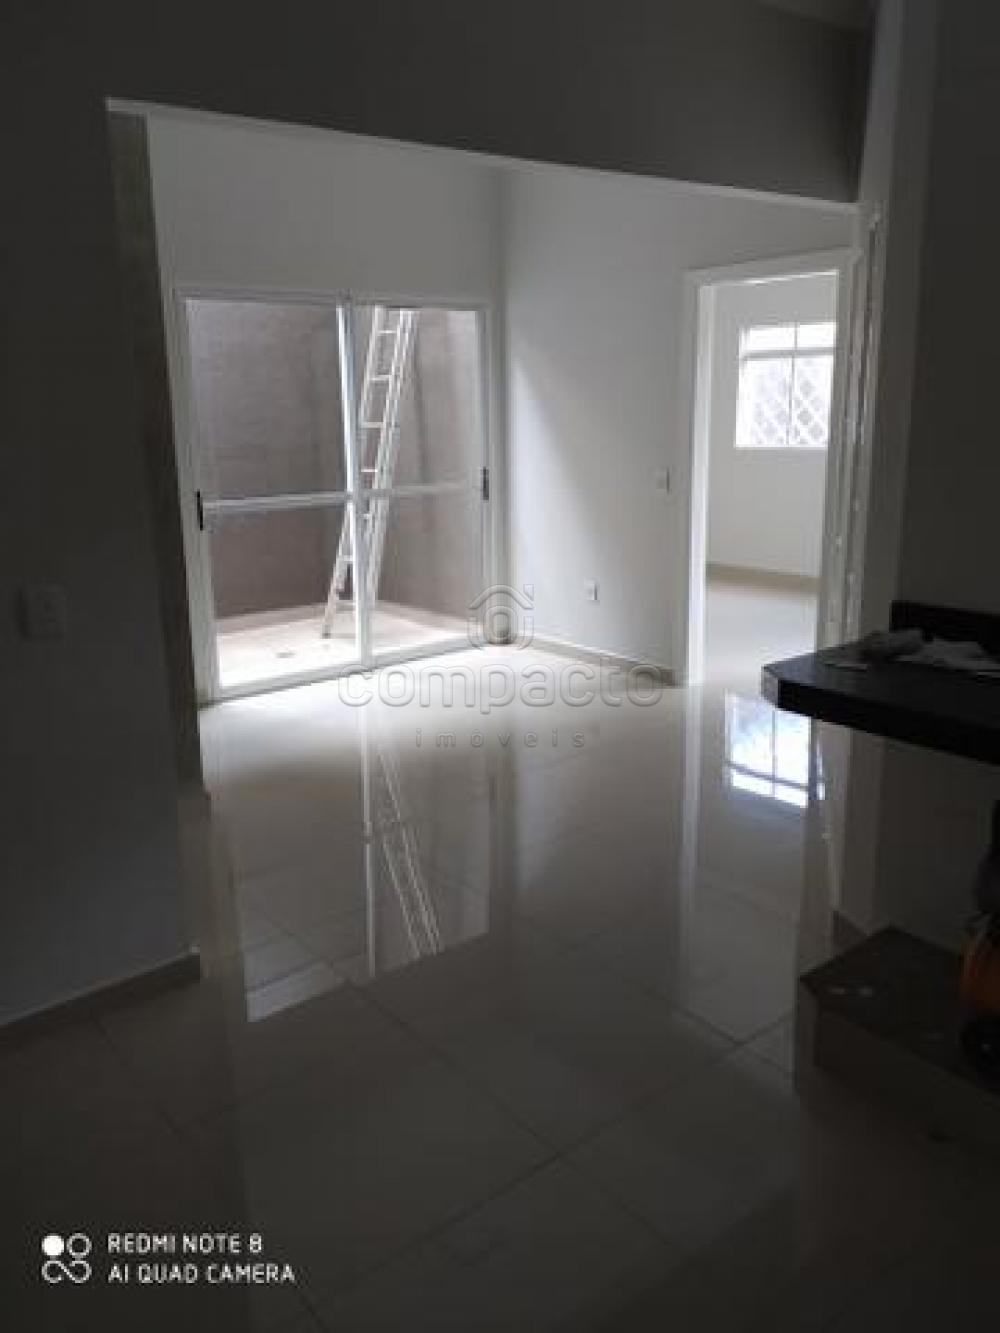 Comprar Casa / Padrão em São José do Rio Preto apenas R$ 350.000,00 - Foto 4